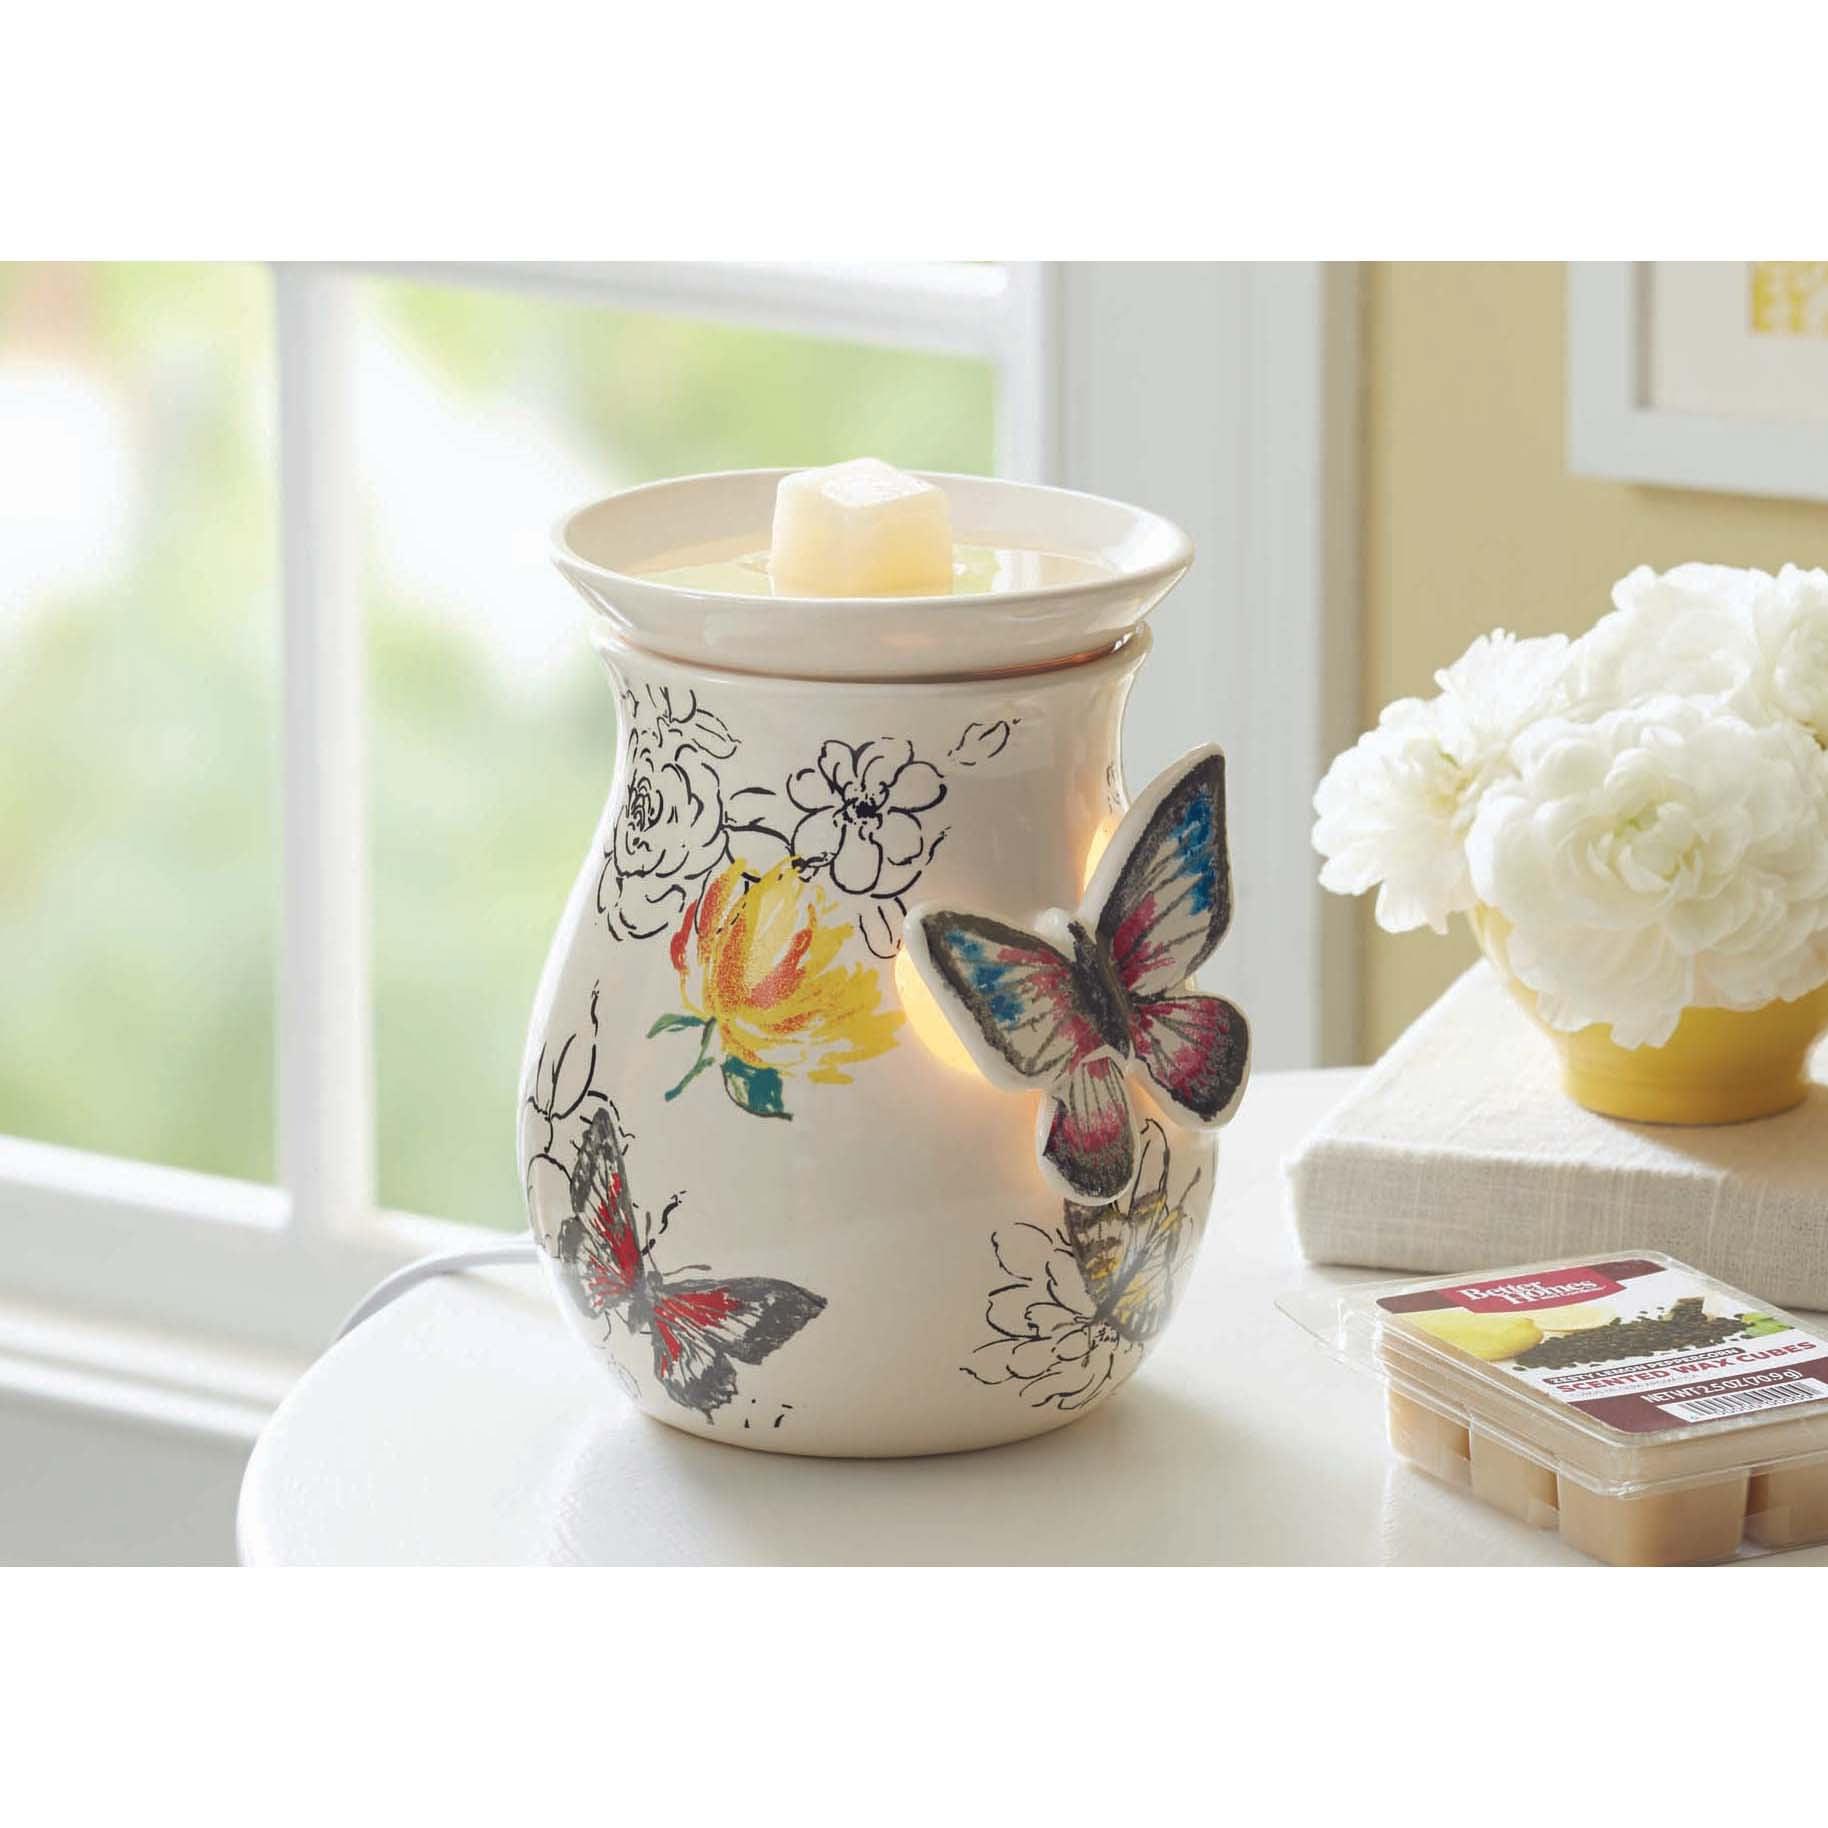 Better Homes and Gardens Full-Size Wax Warmer, Butterflies